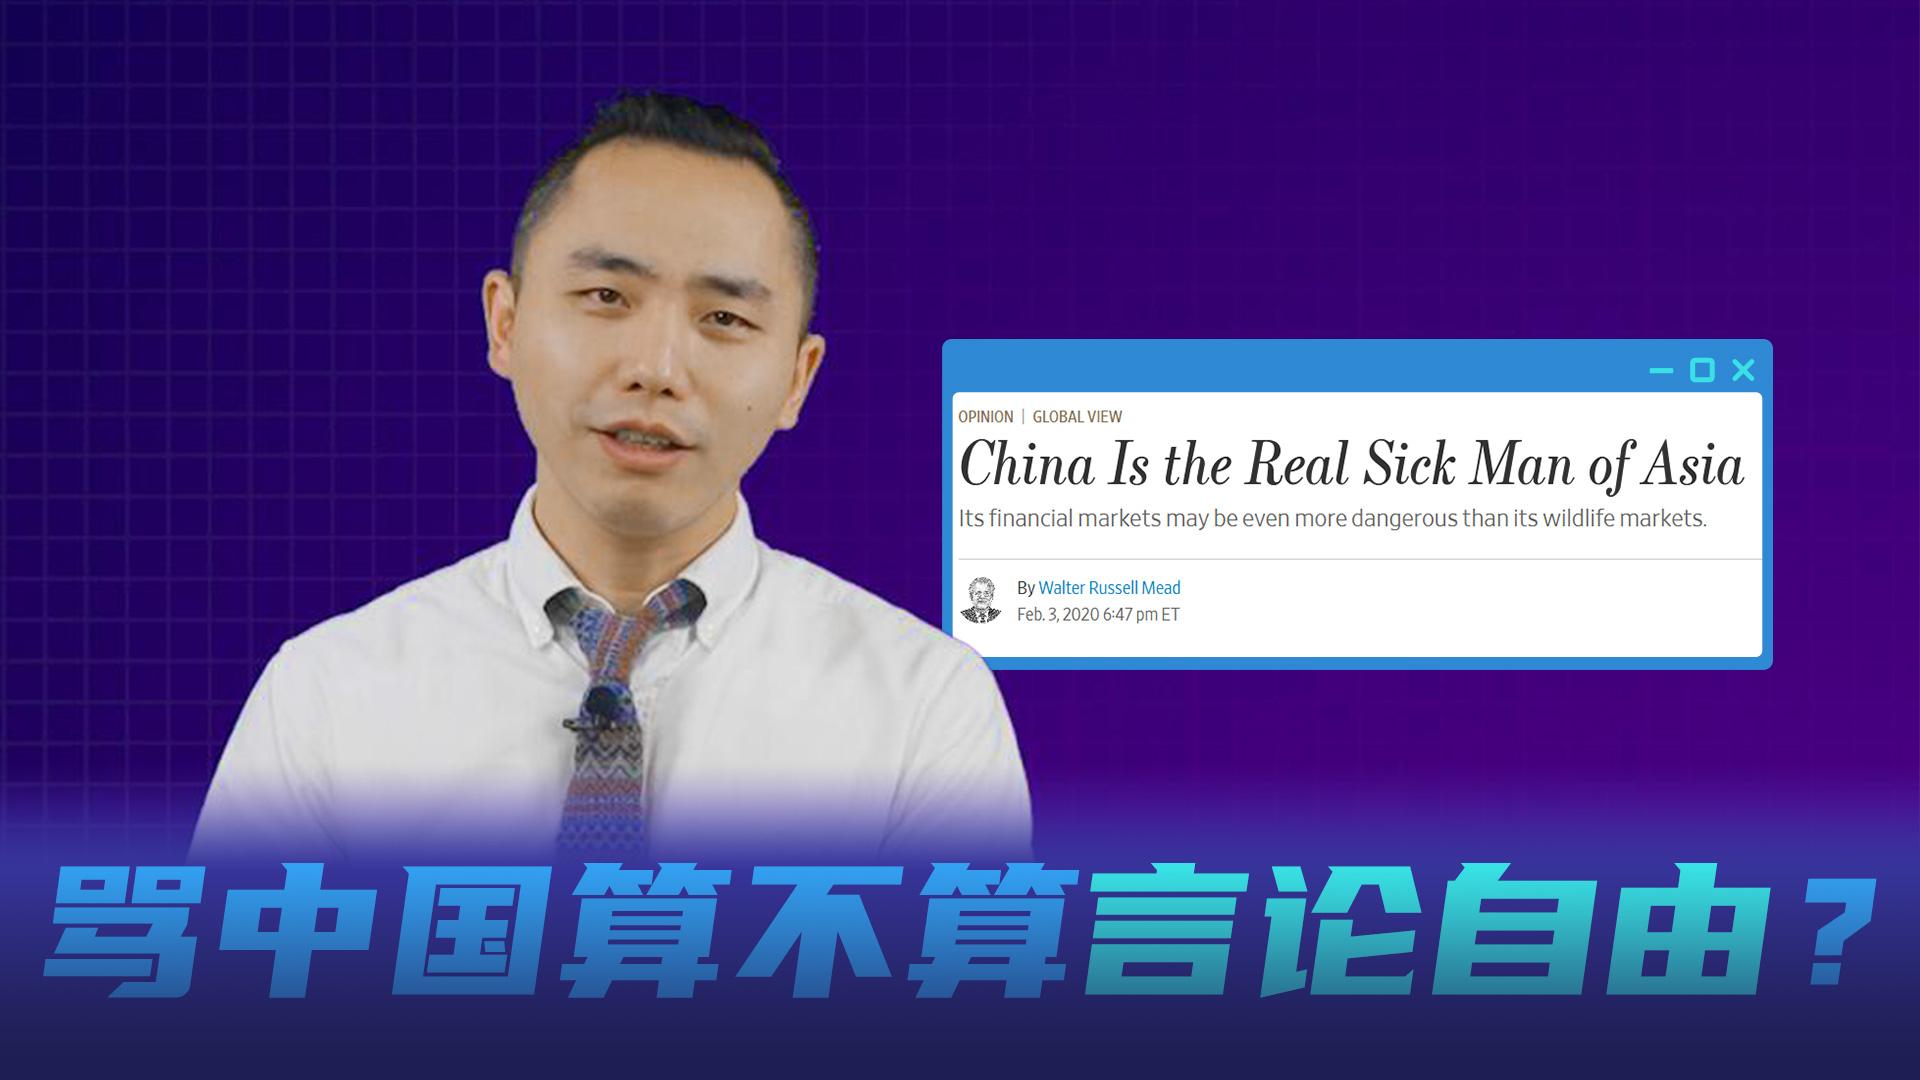 洋媒吐气:骂中国到底算不算言论自由?